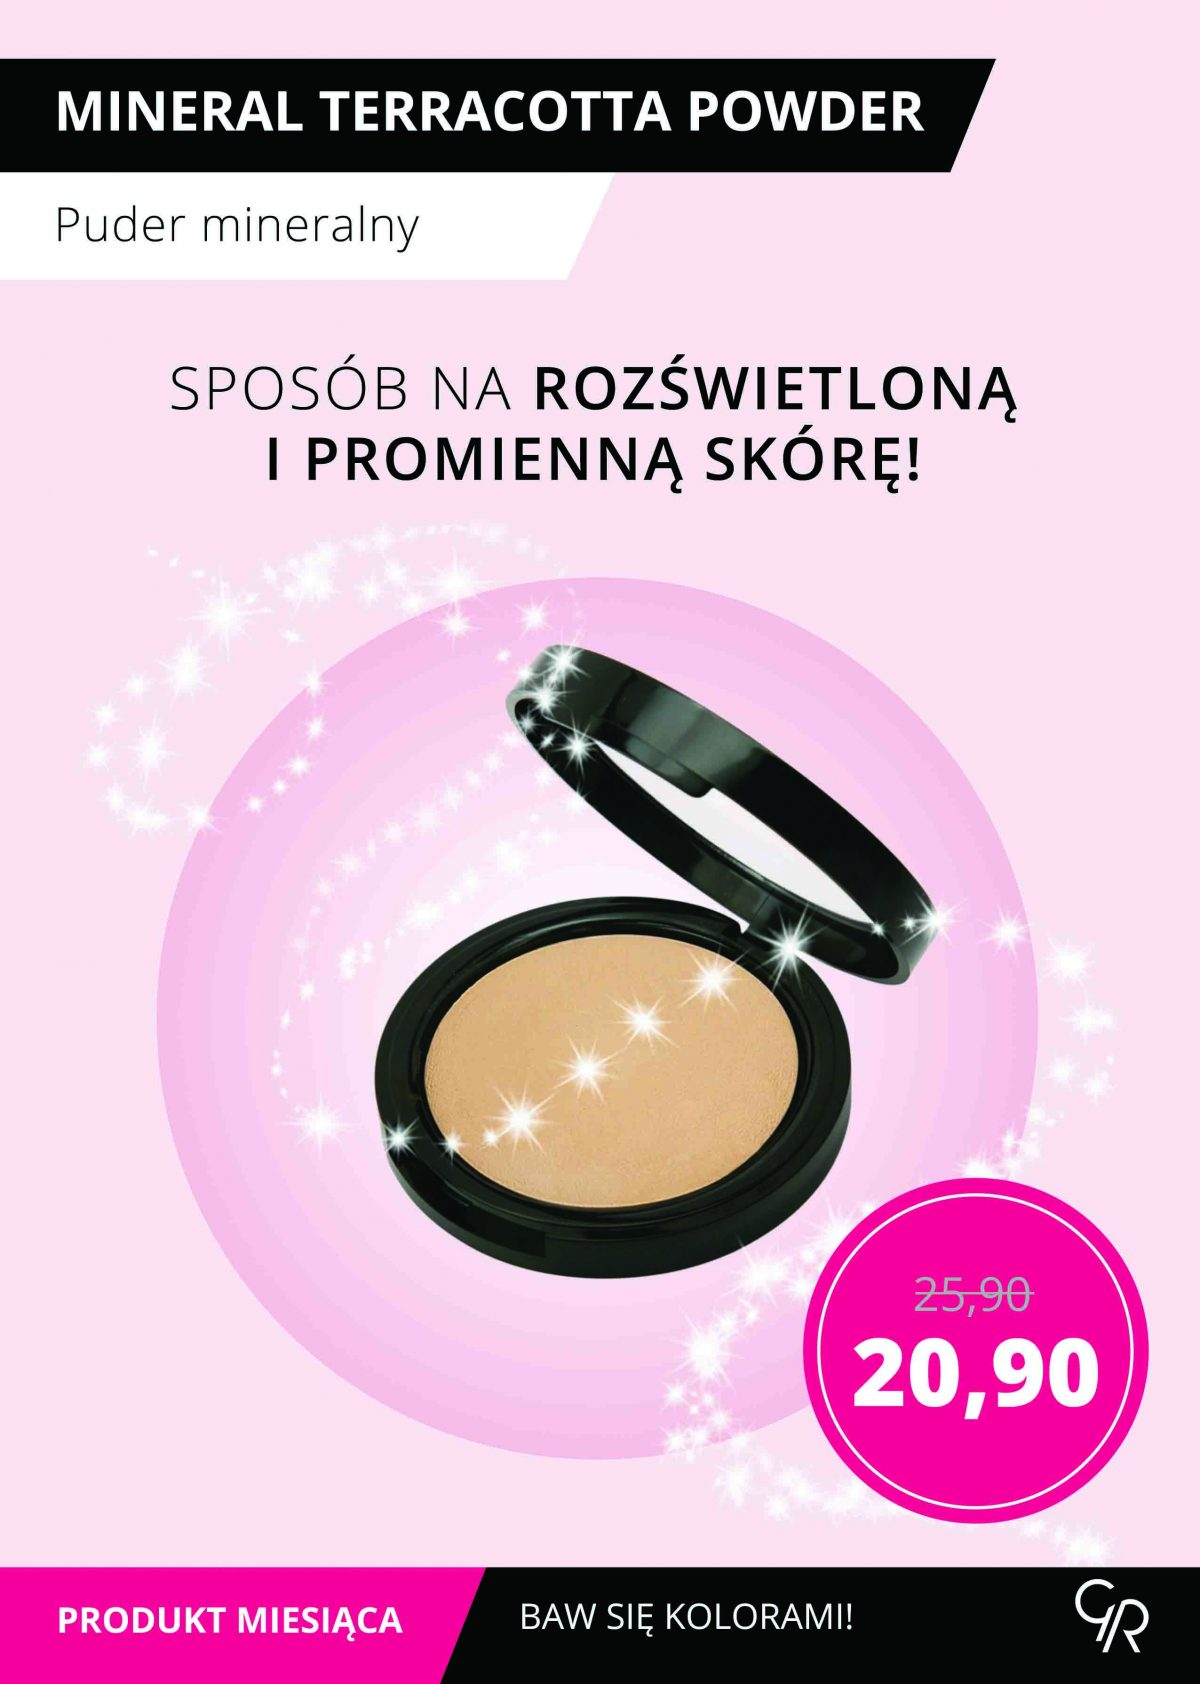 Naturalne i aksamitne wykończenie makijażu. Skorzystaj z promocji! Niższa cena tylko we wrześniu.